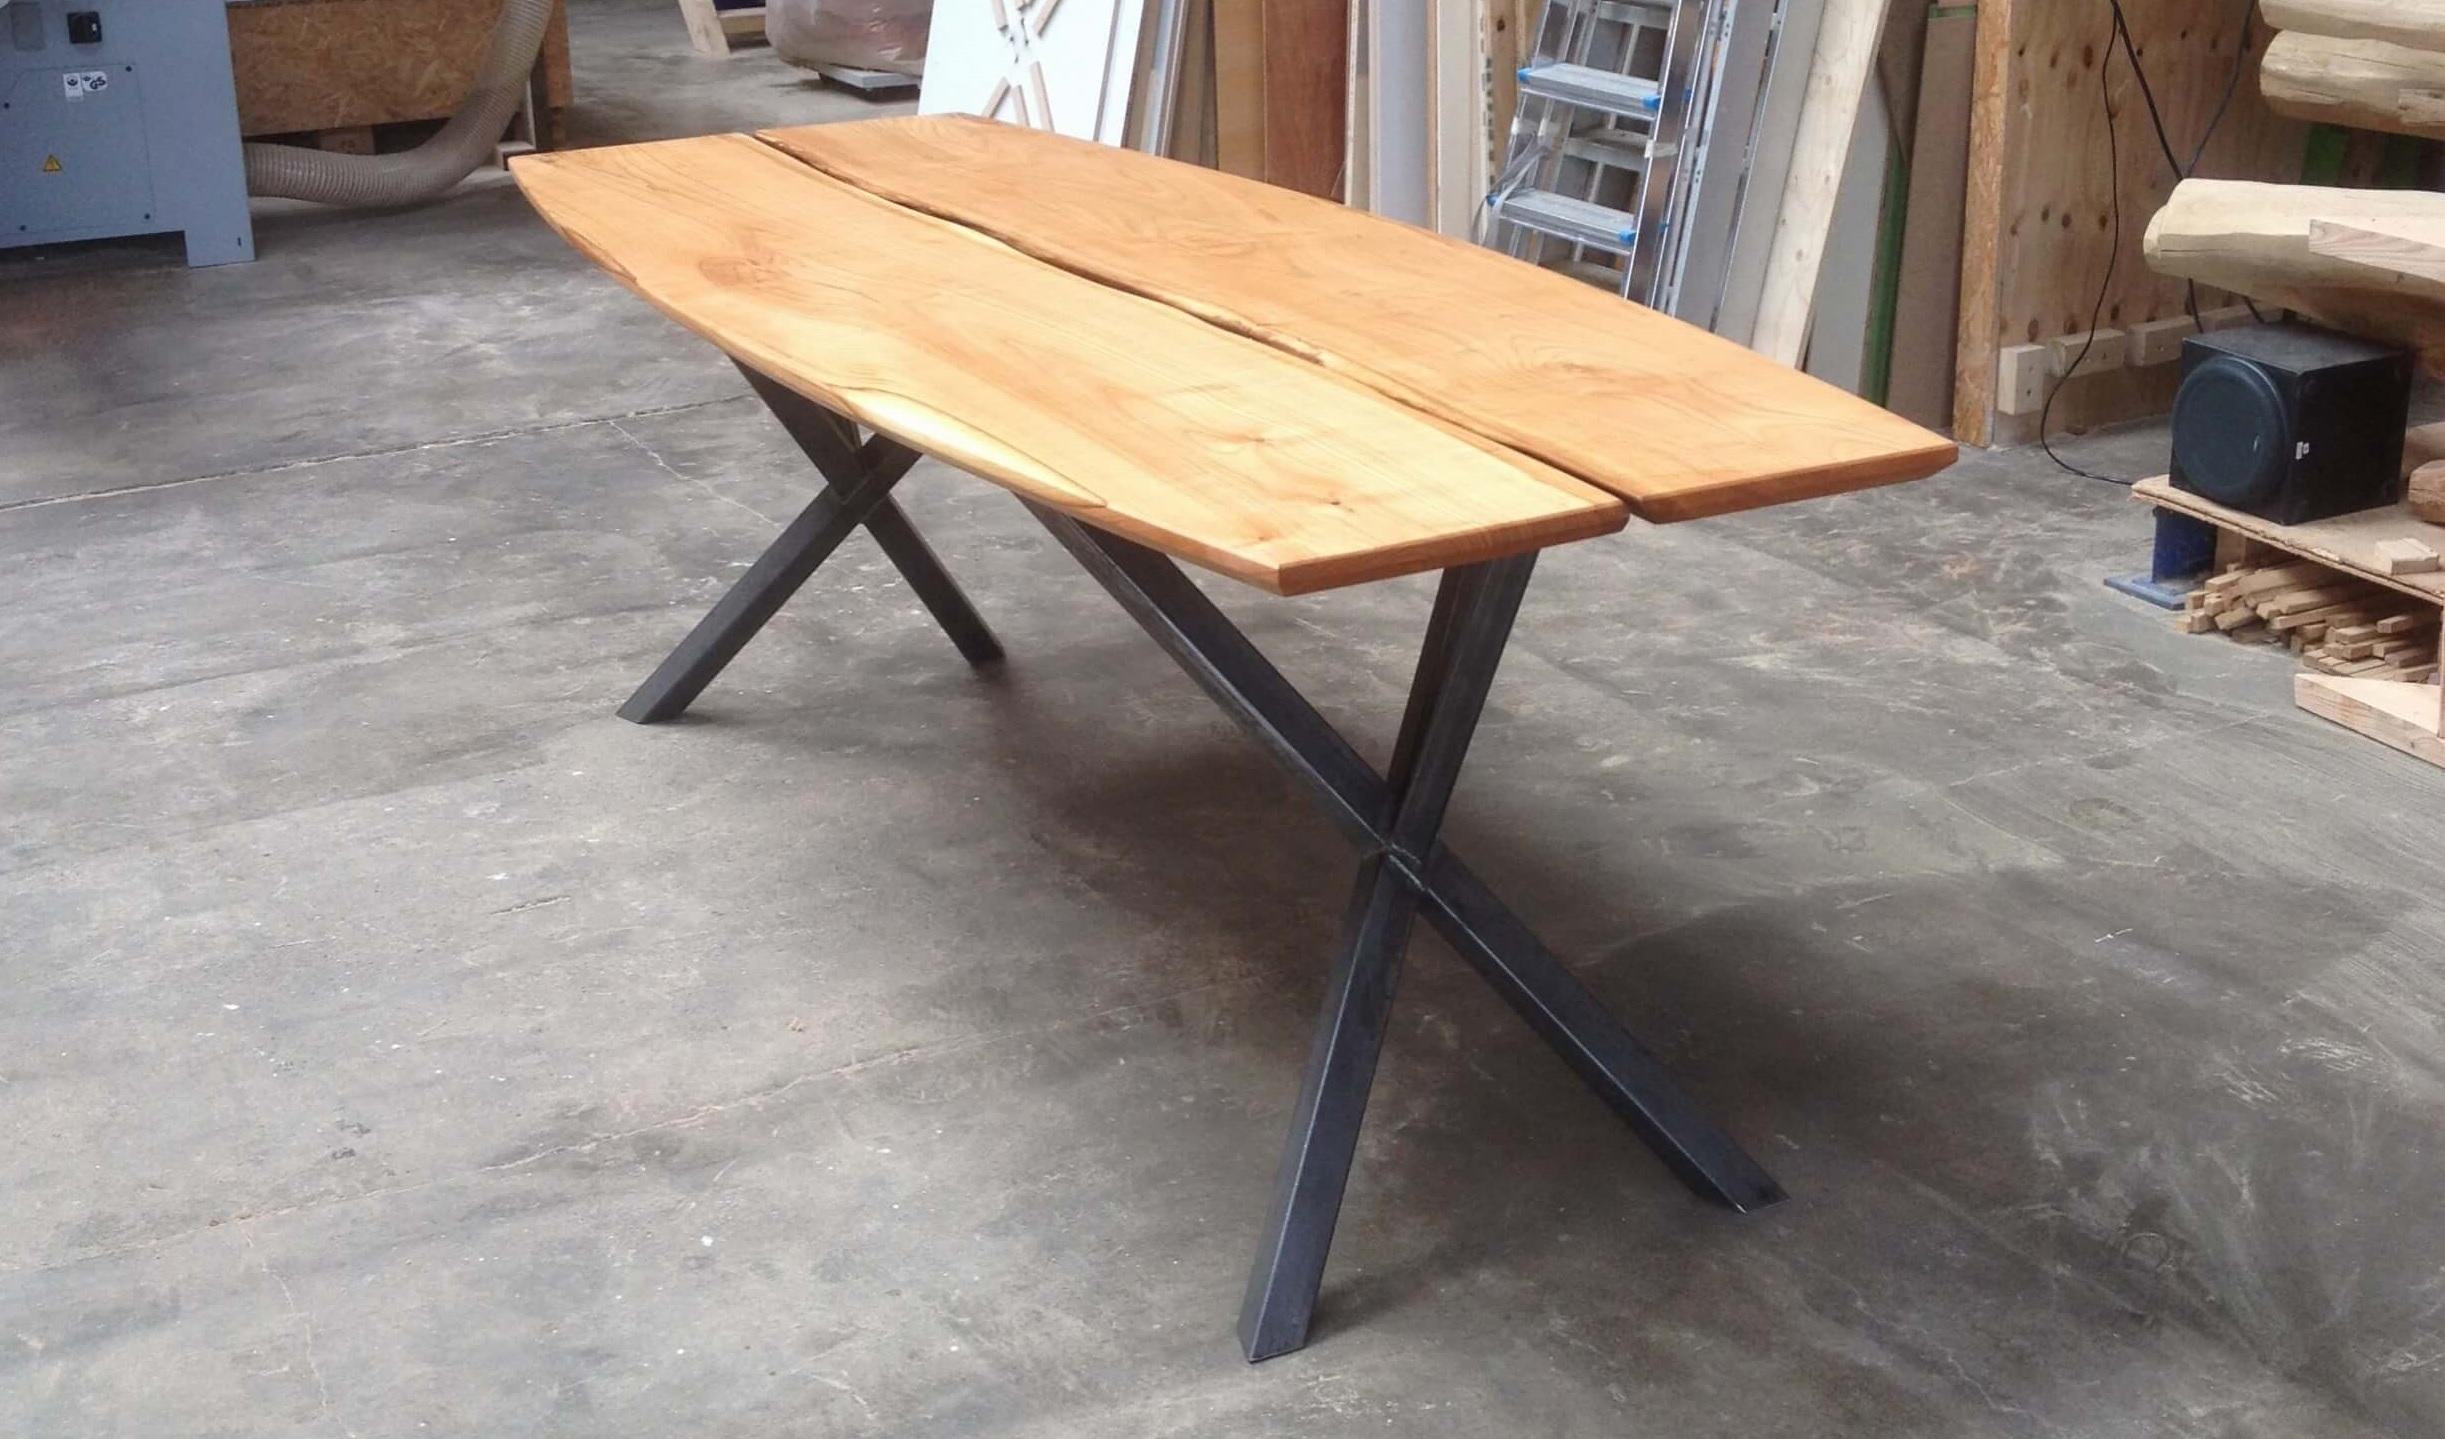 Houten ovale tafel ovale tafels zwaartafelen made in holland